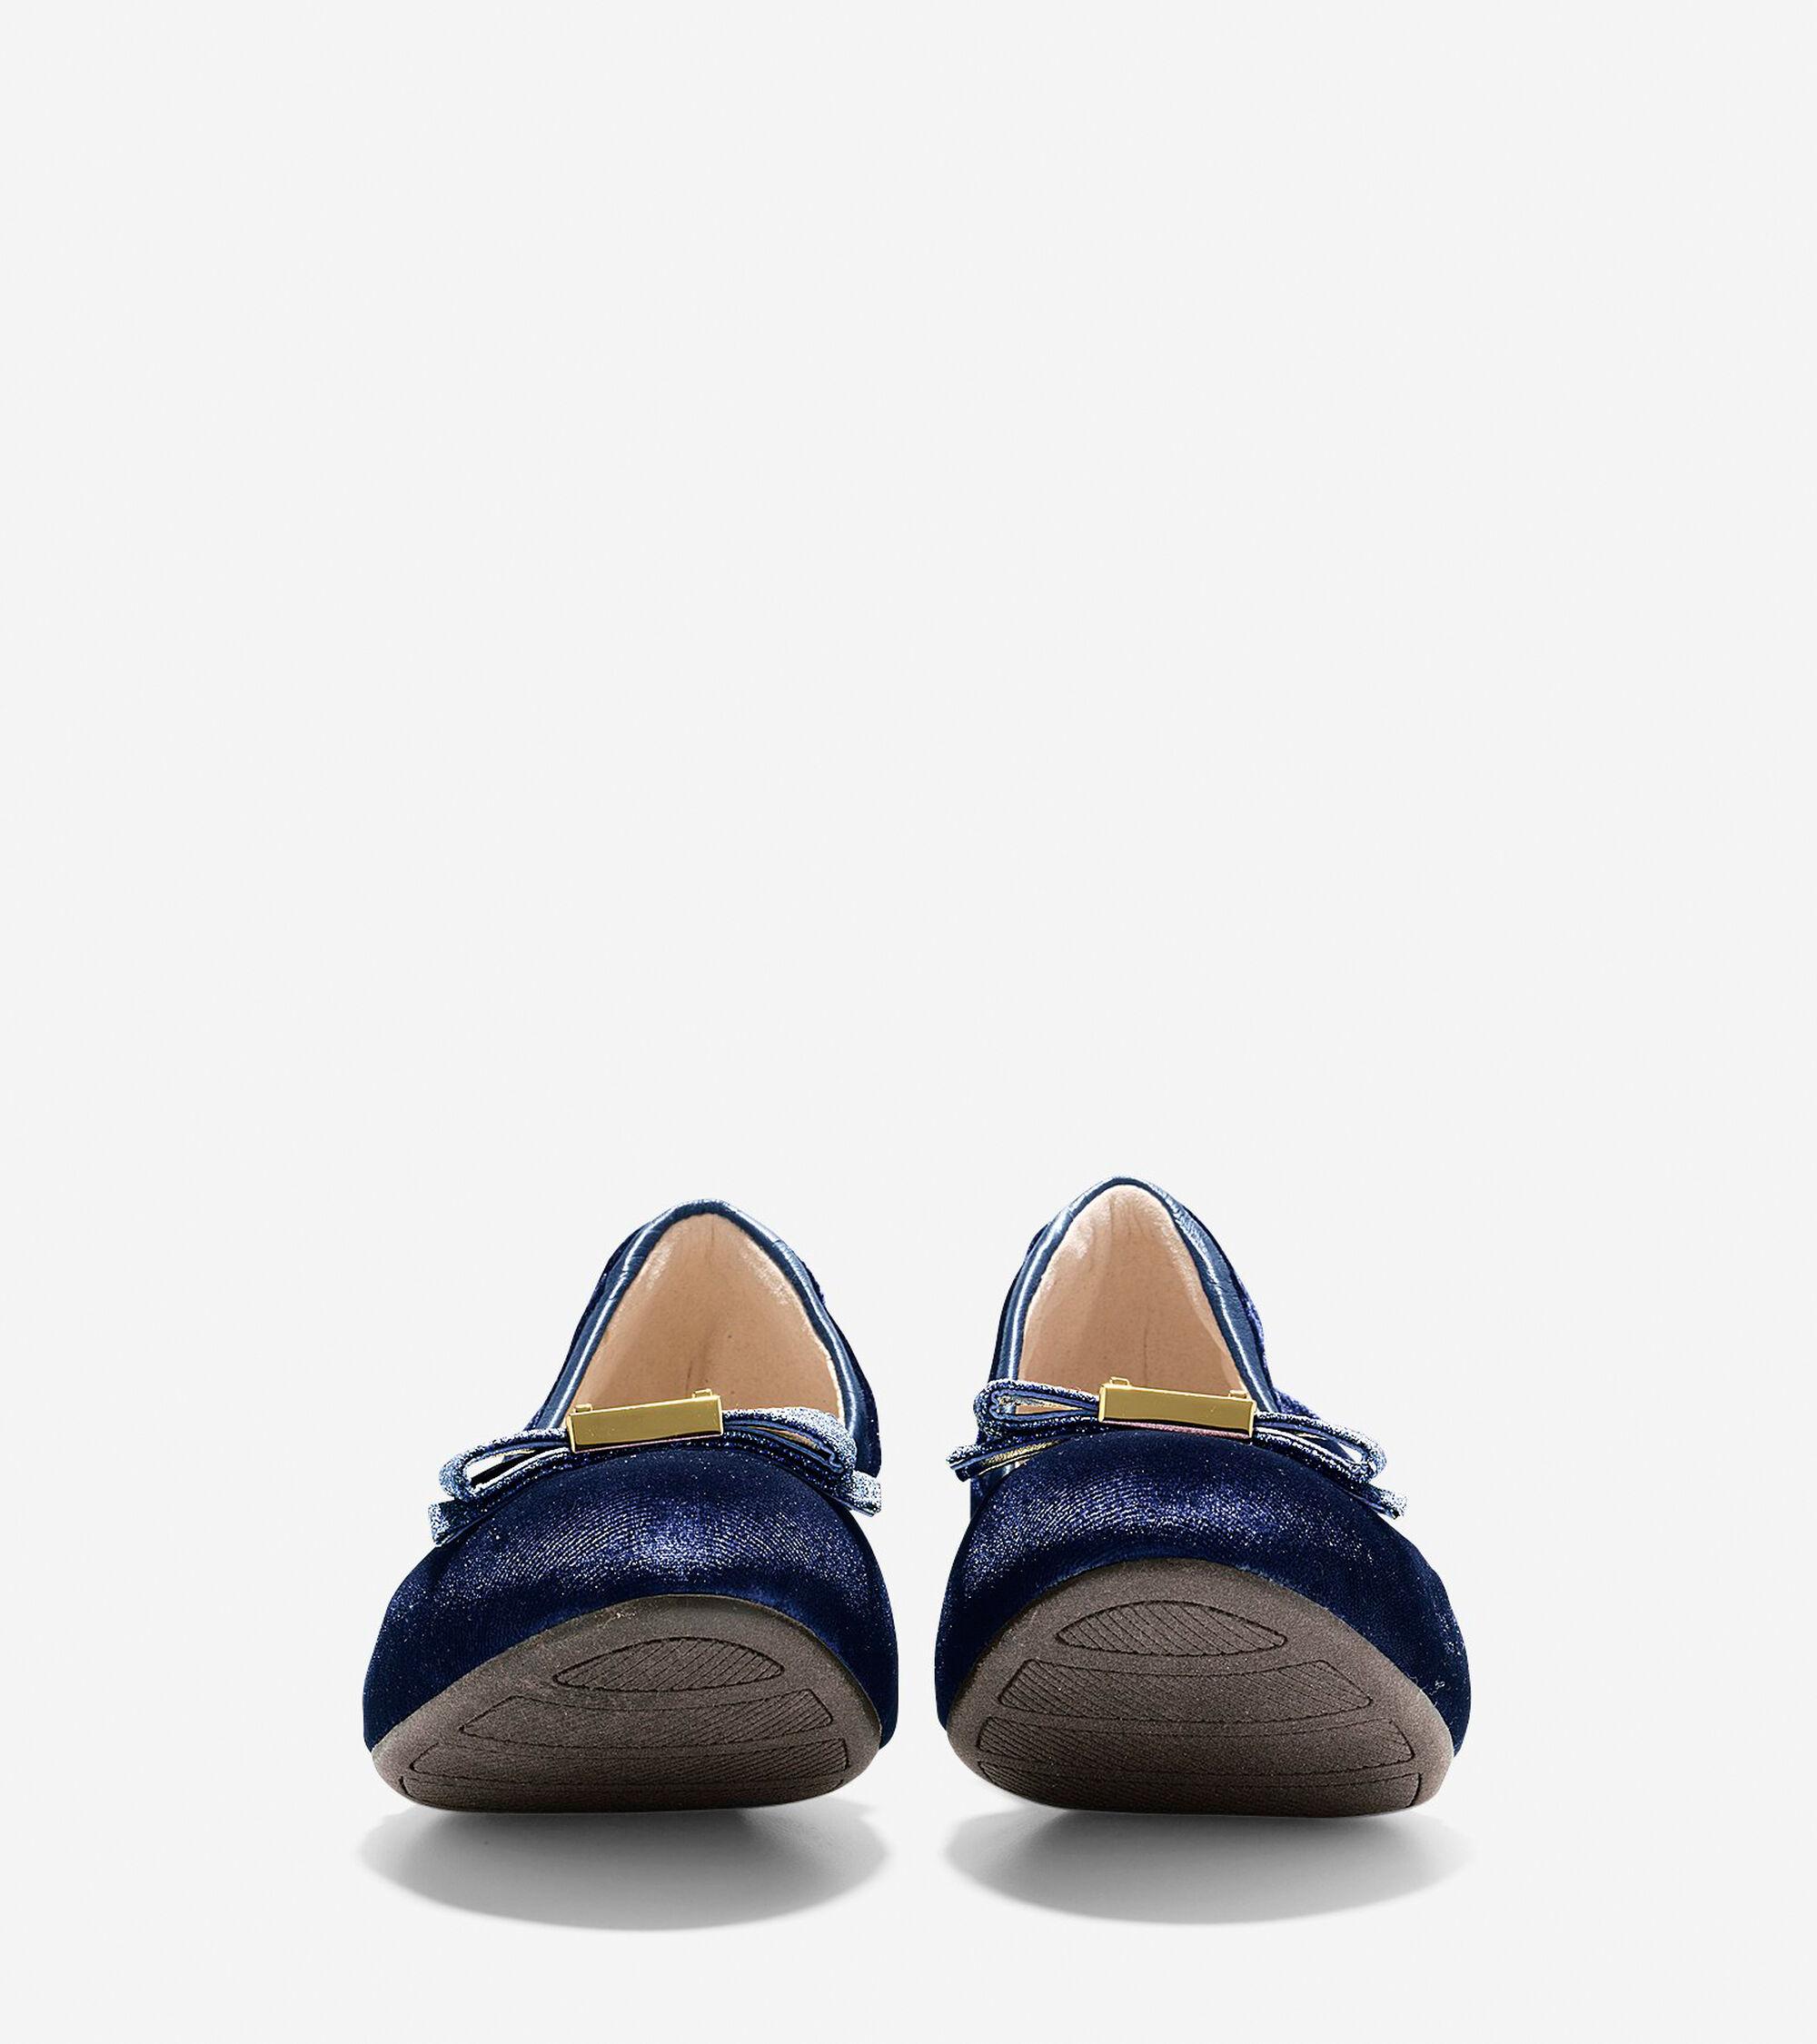 bb9515201570 Women s Tali Bow Ballet Flats in Marine Blue Velvet